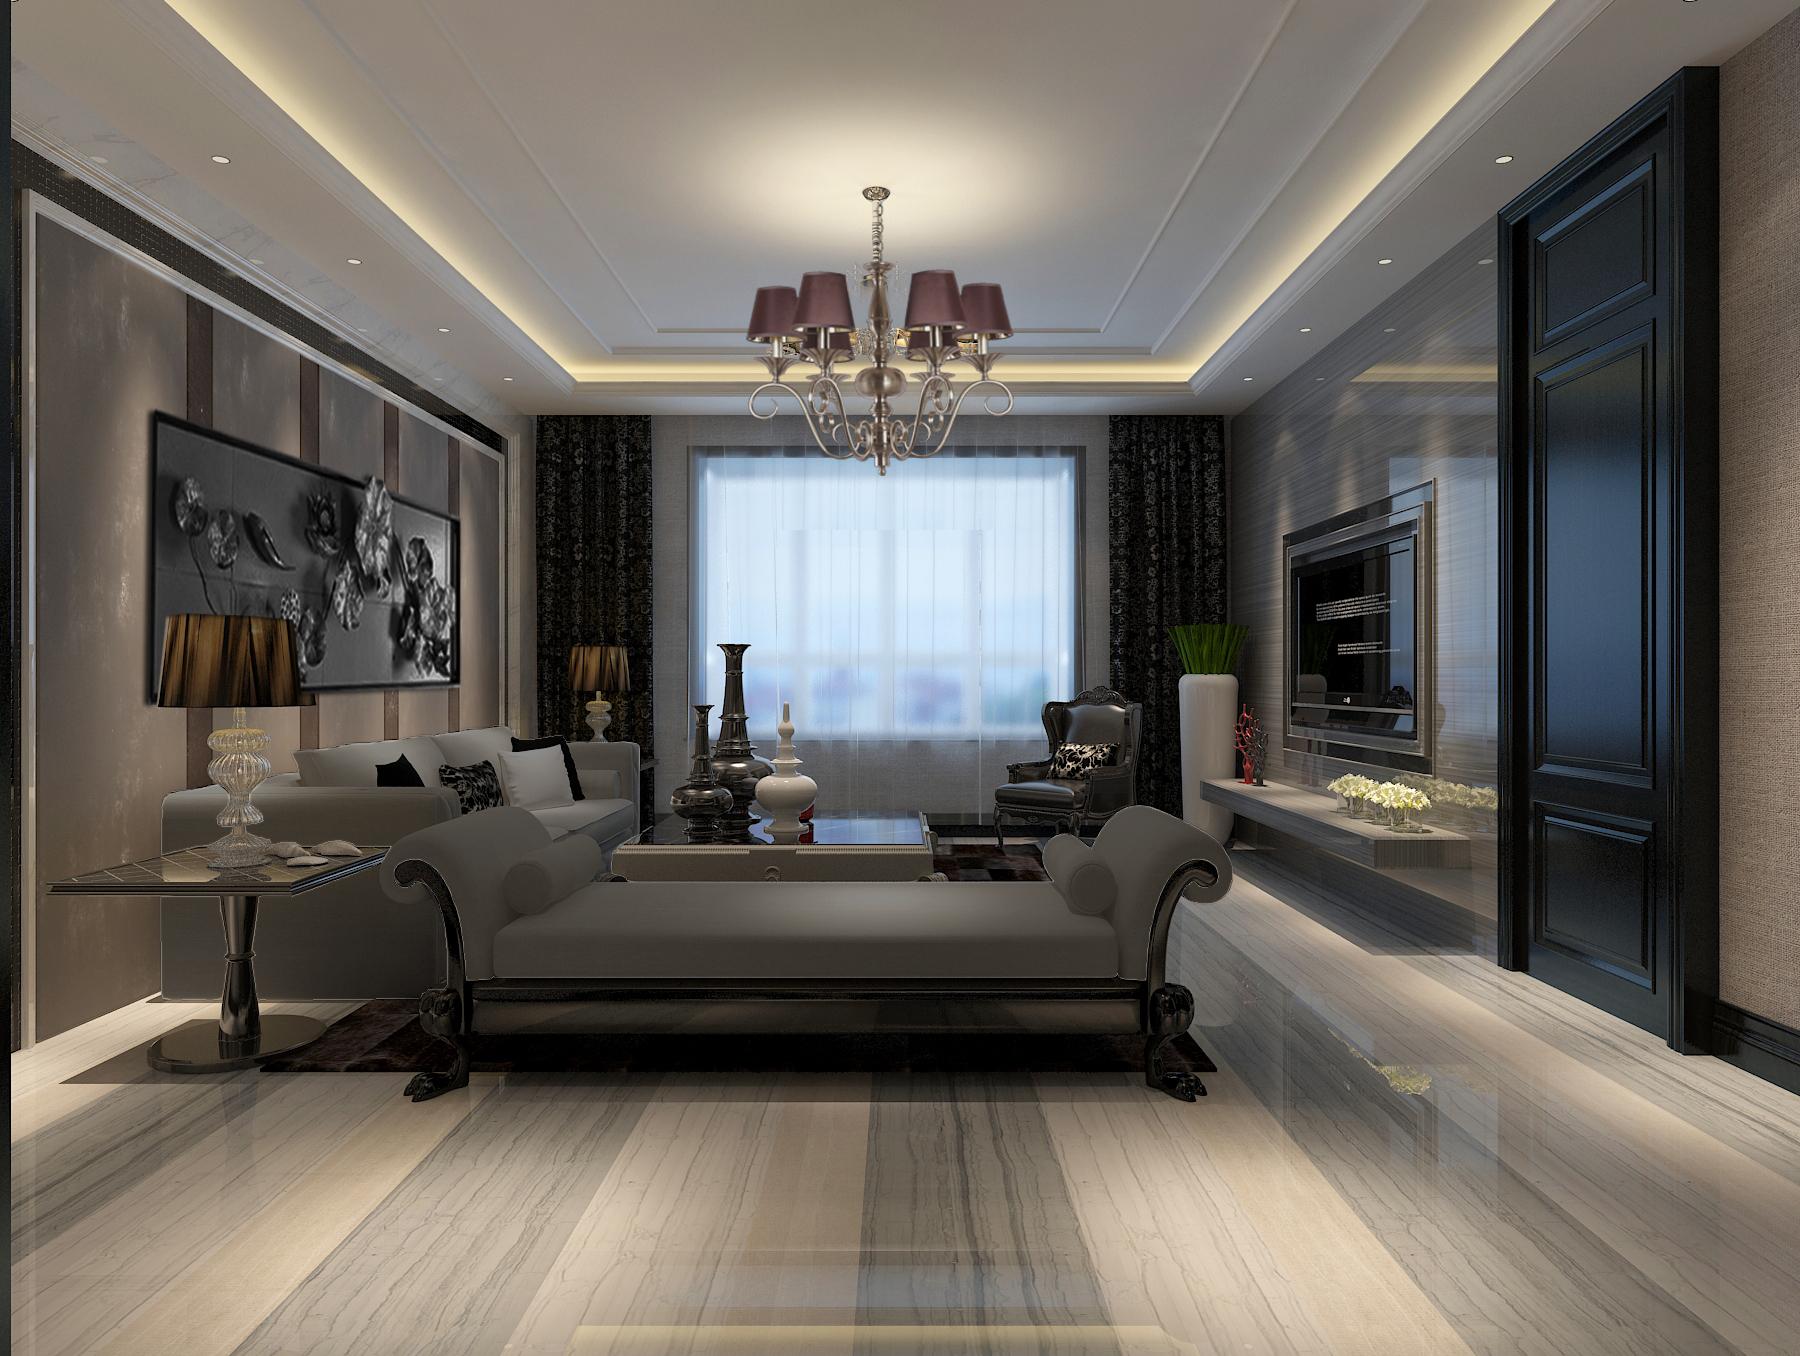 简约 欧式 混搭 三居 小资 客厅图片来自白翔宇-易百装饰在后现代混搭的分享